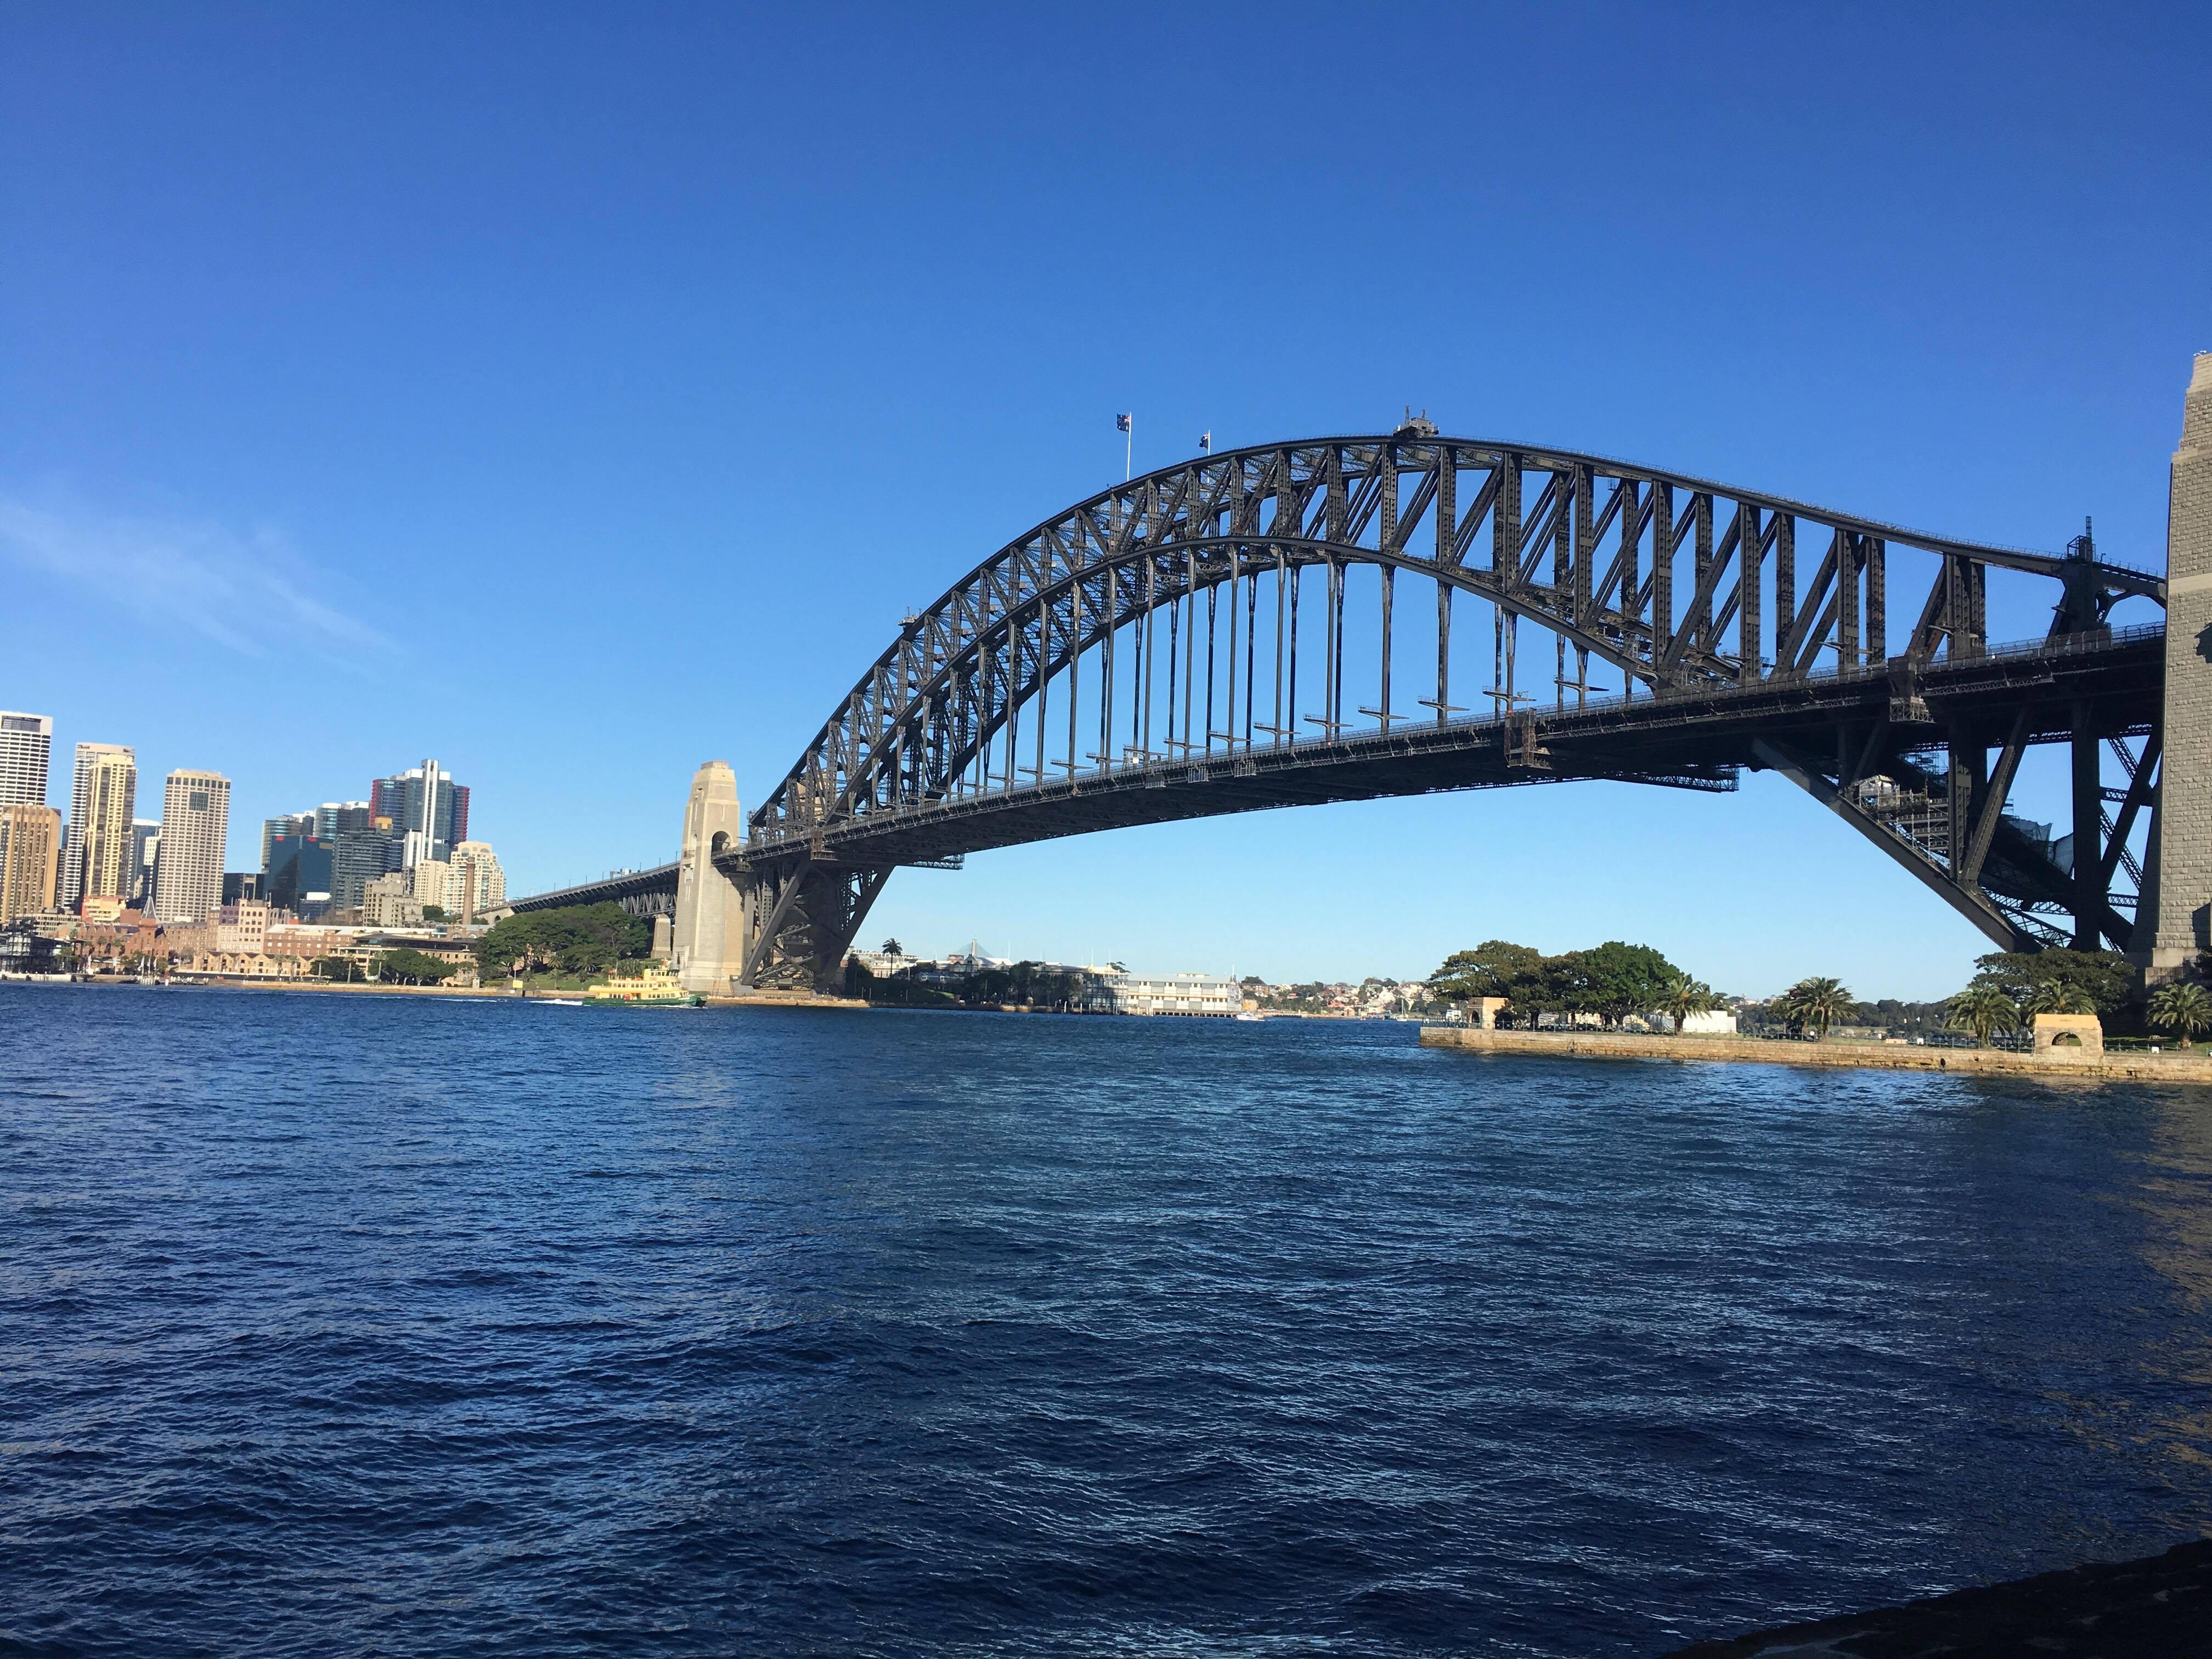 לצפות בגשר המפורסם דרך ה-FERRY (צילום: שיר אפרים)